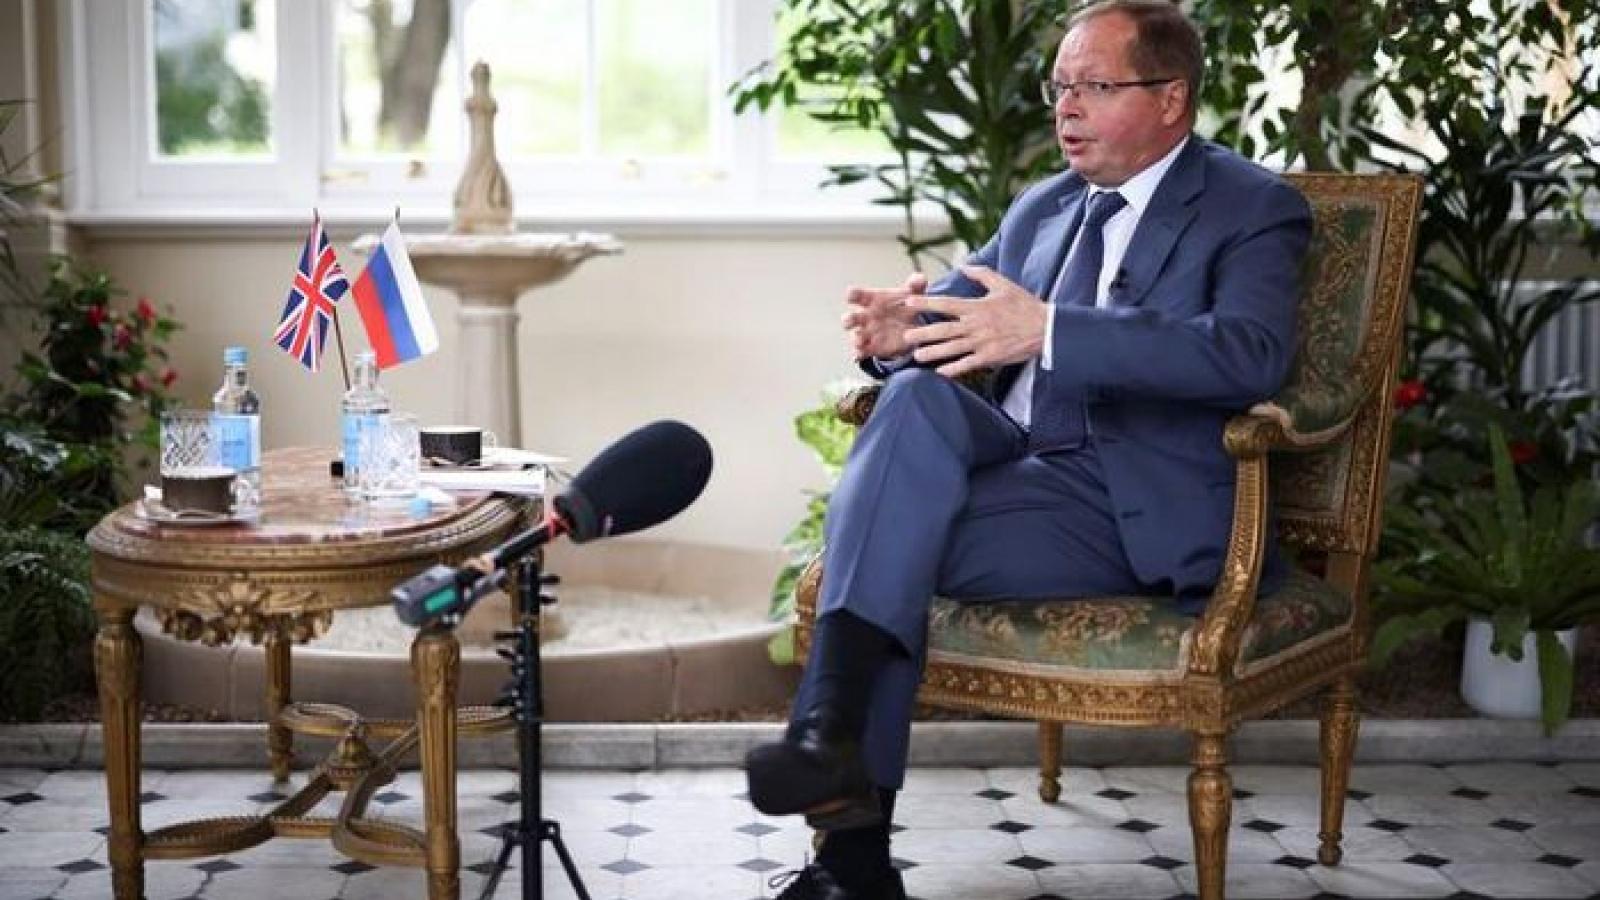 Đại sứ Nga phản bác tuyên bố coi Nga là mối đe dọa số một của Anh